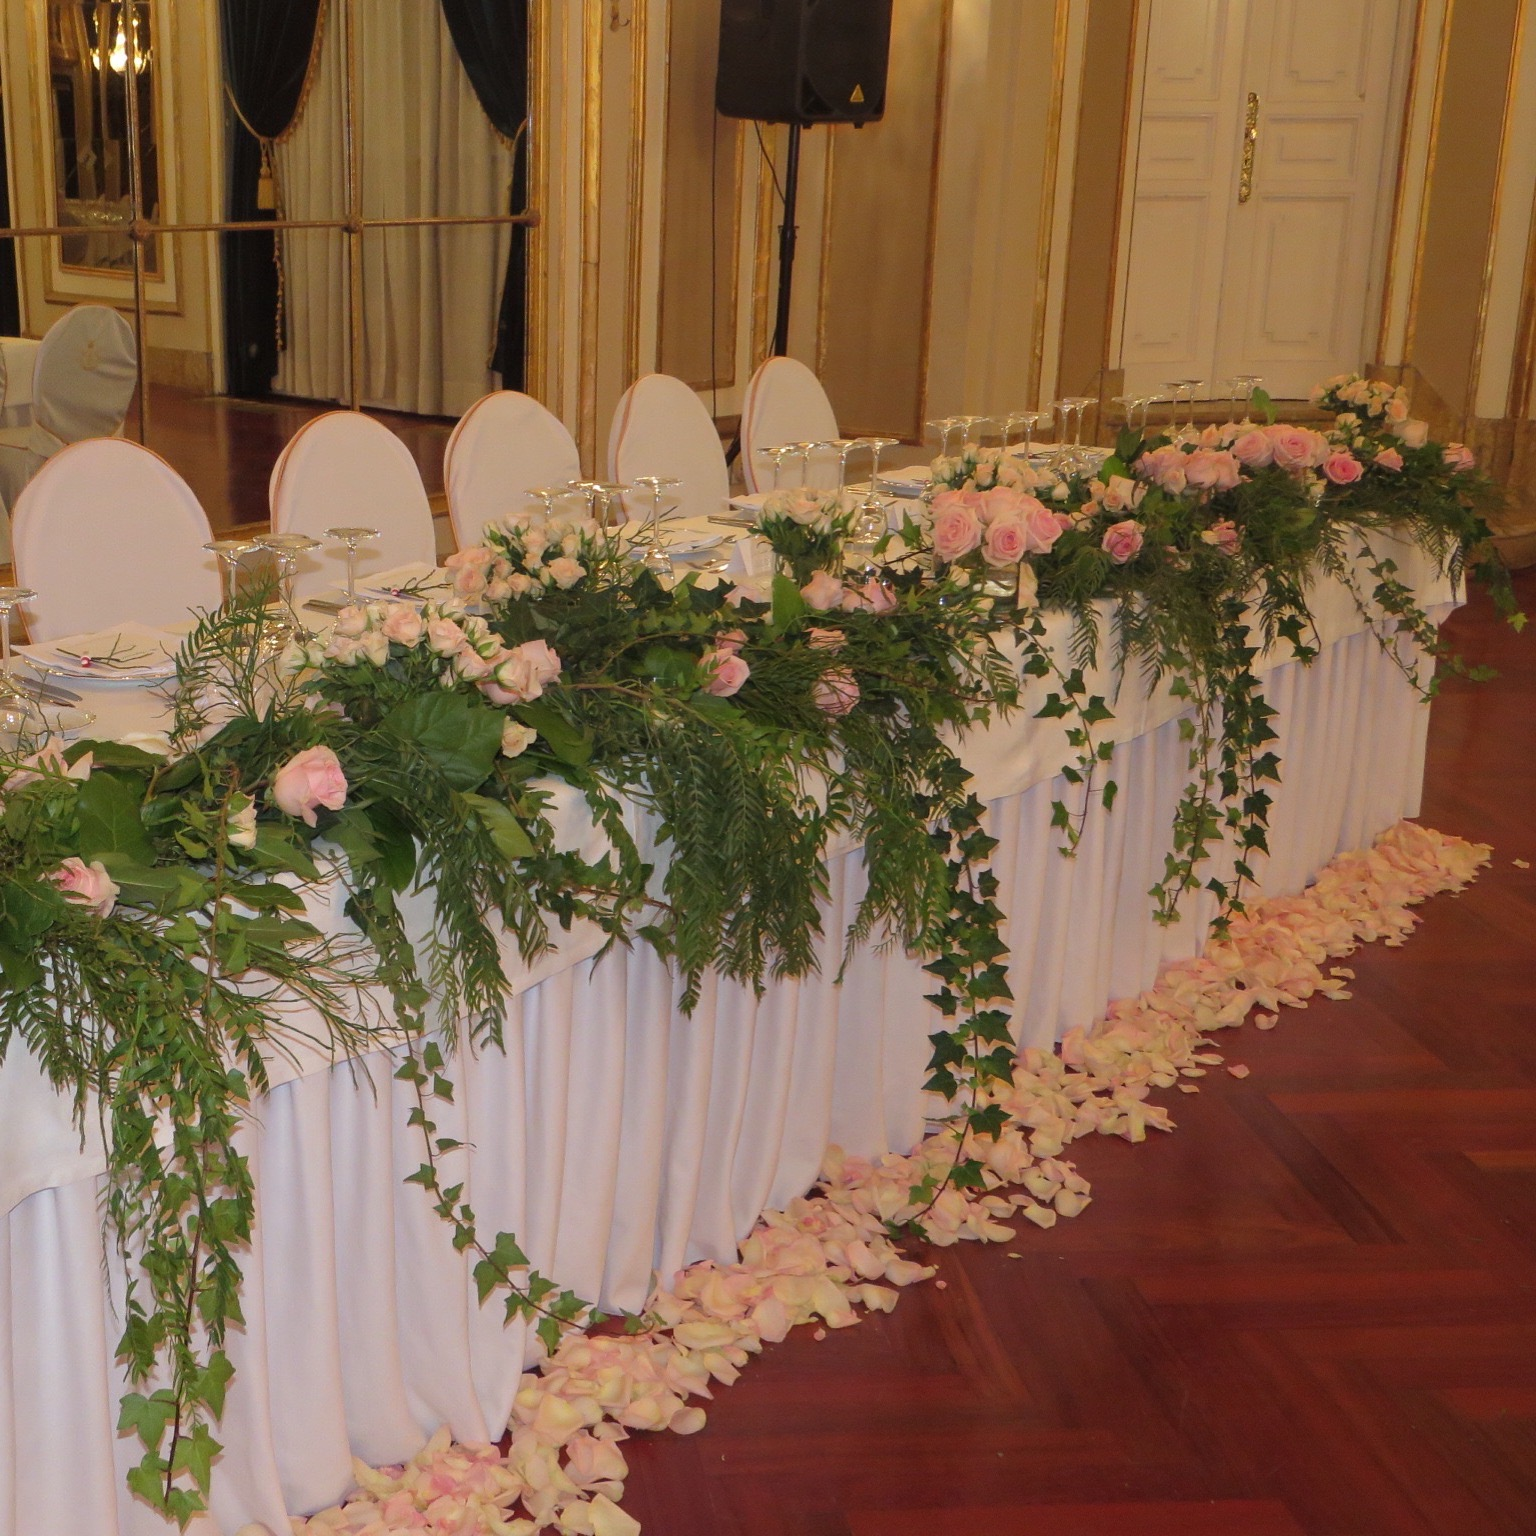 Decoraci n para boda en hotel palace sal n imperial for Decoracion con plantas para fiestas